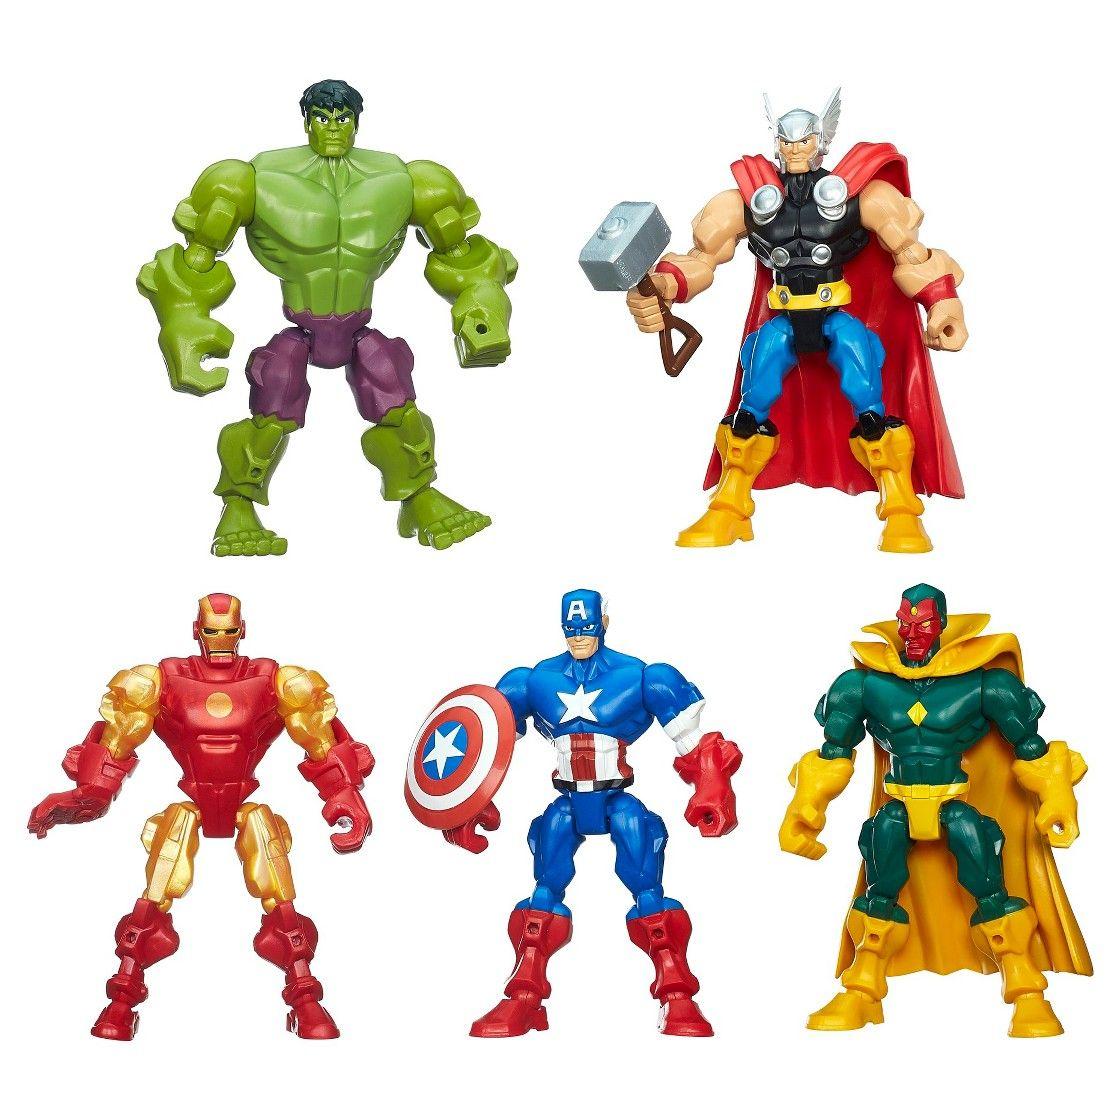 Walmart Toys For Boys Avengers : Marvel super hero mashers avengers mash pack boys